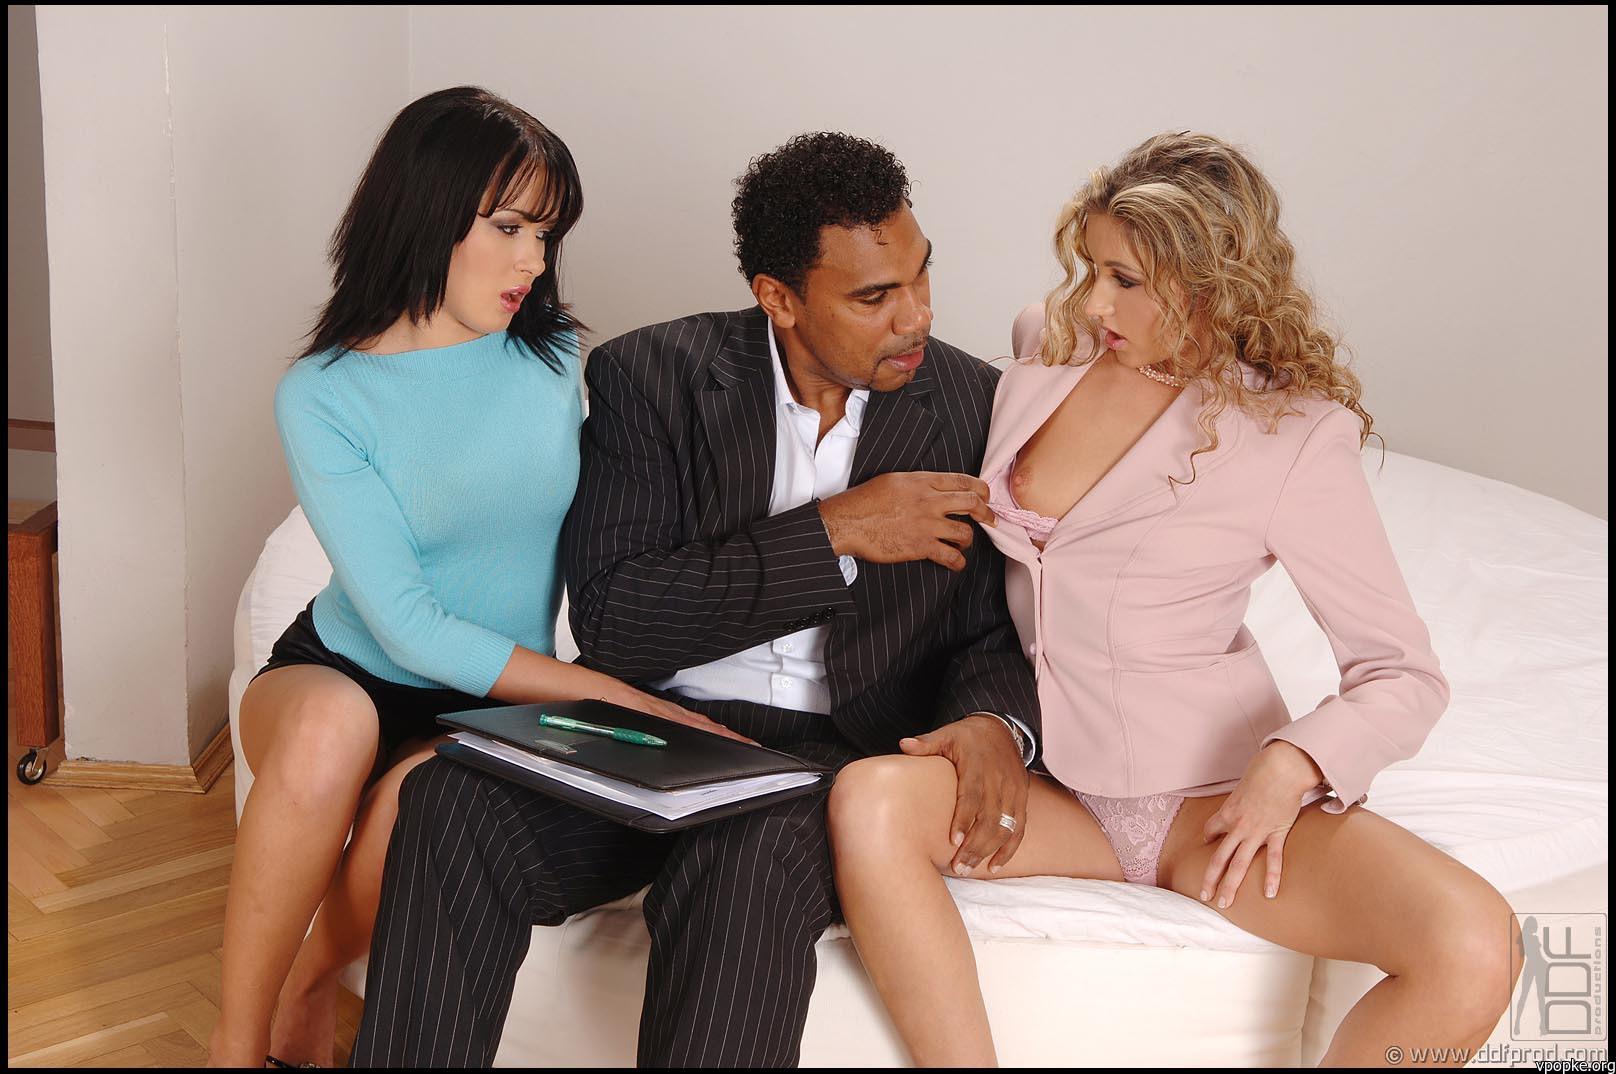 Смотреть порно онлайн на переговорах 3 фотография